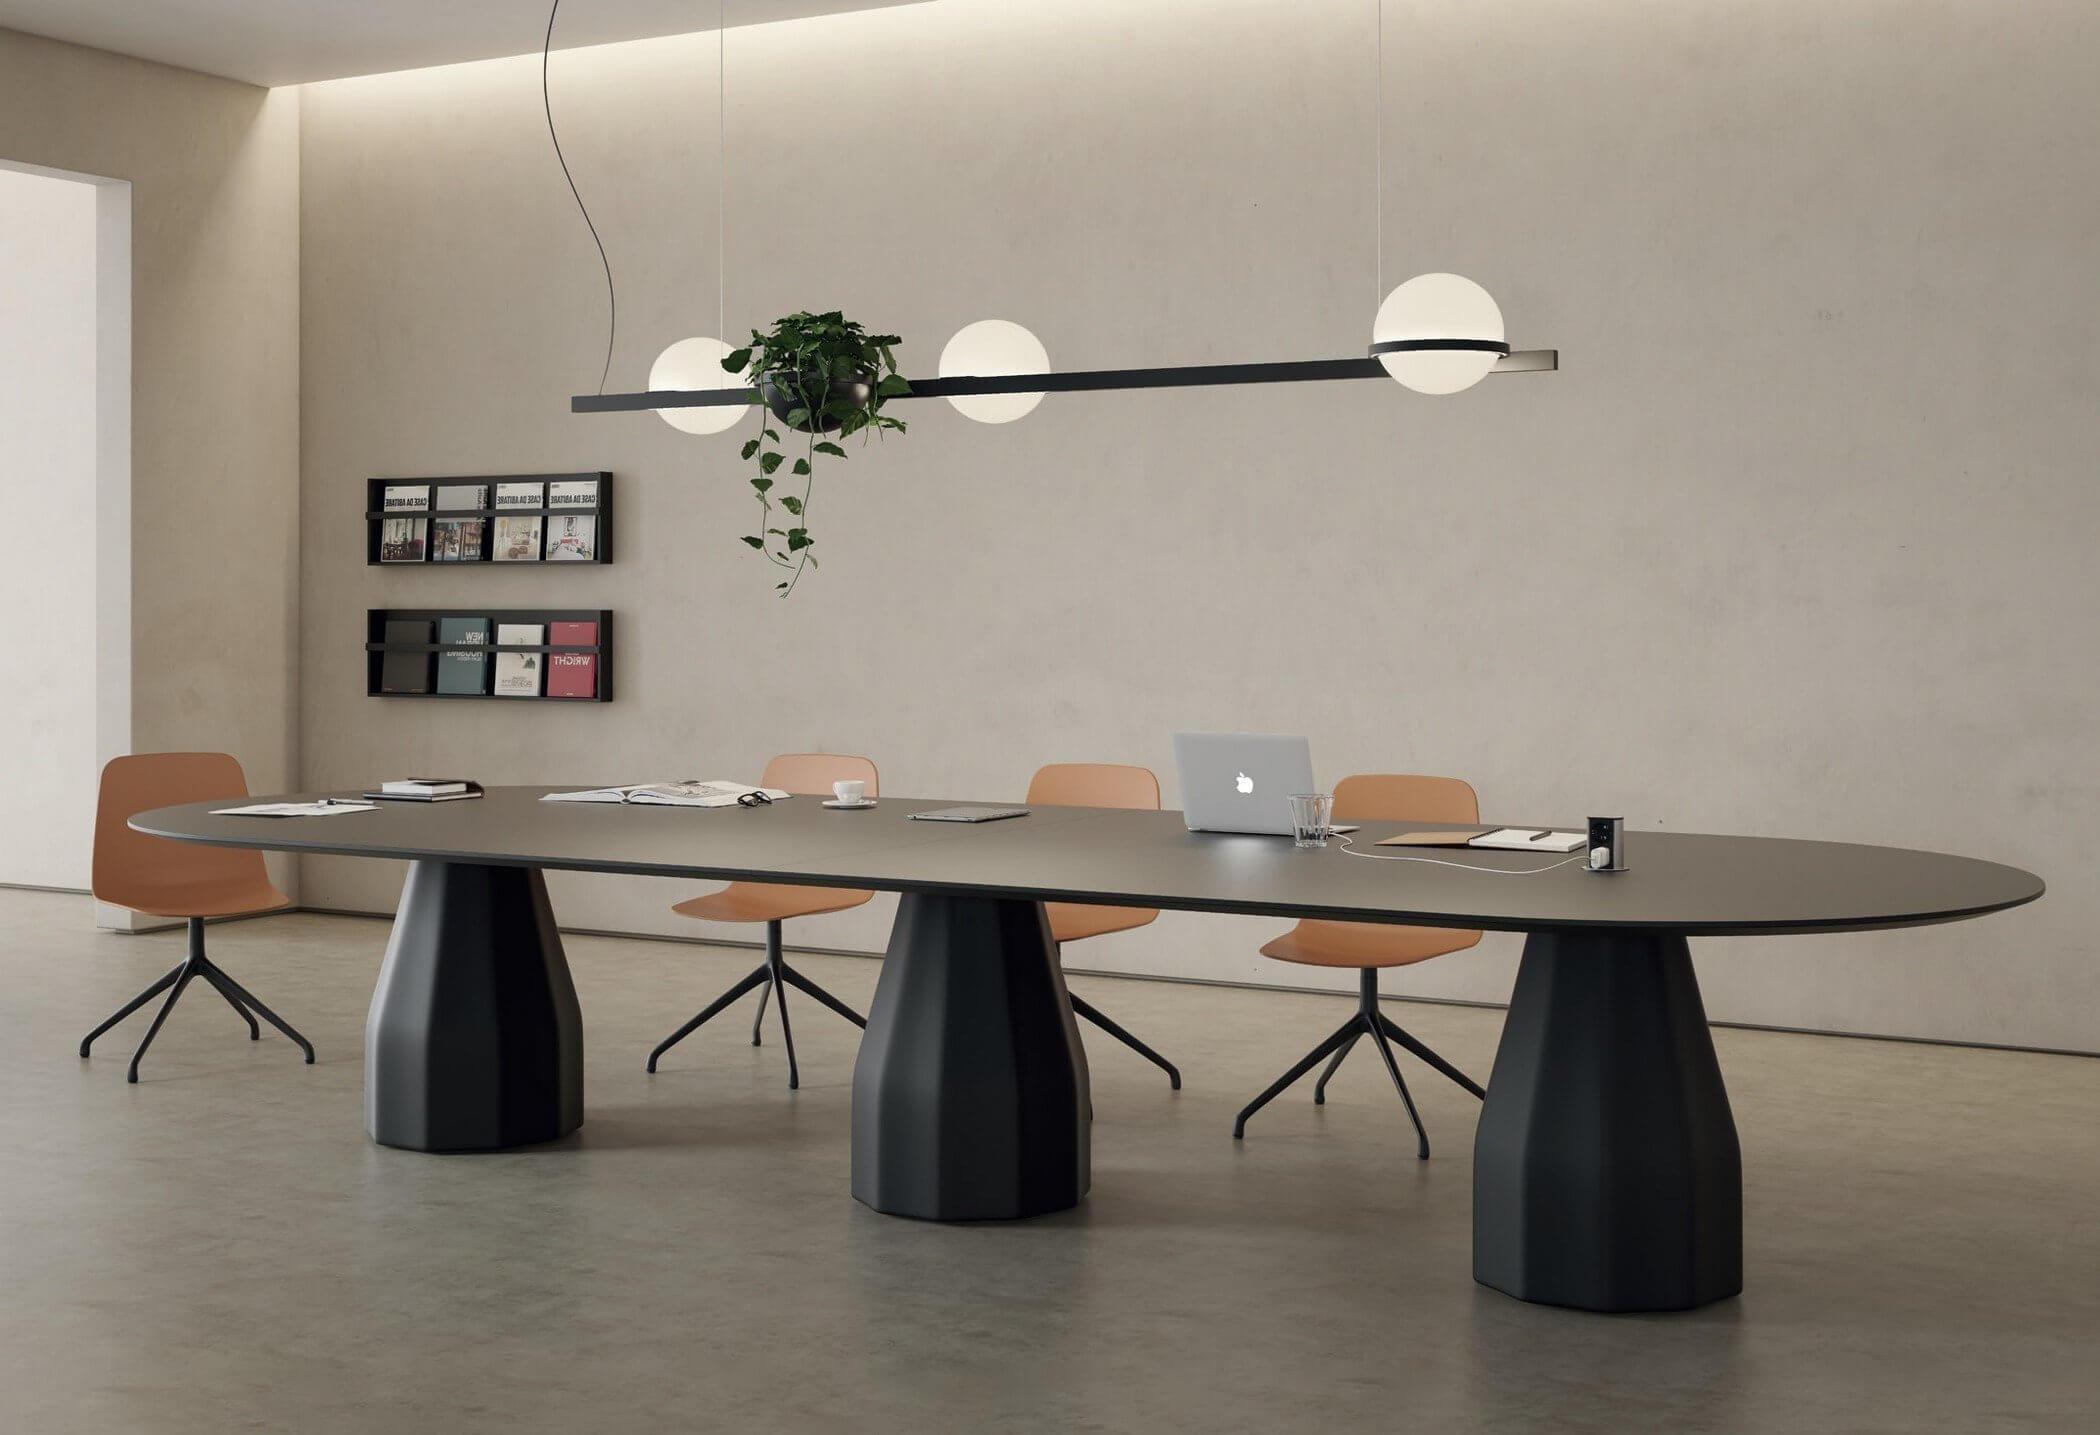 Grande table design pour salle de réunion BURIN.